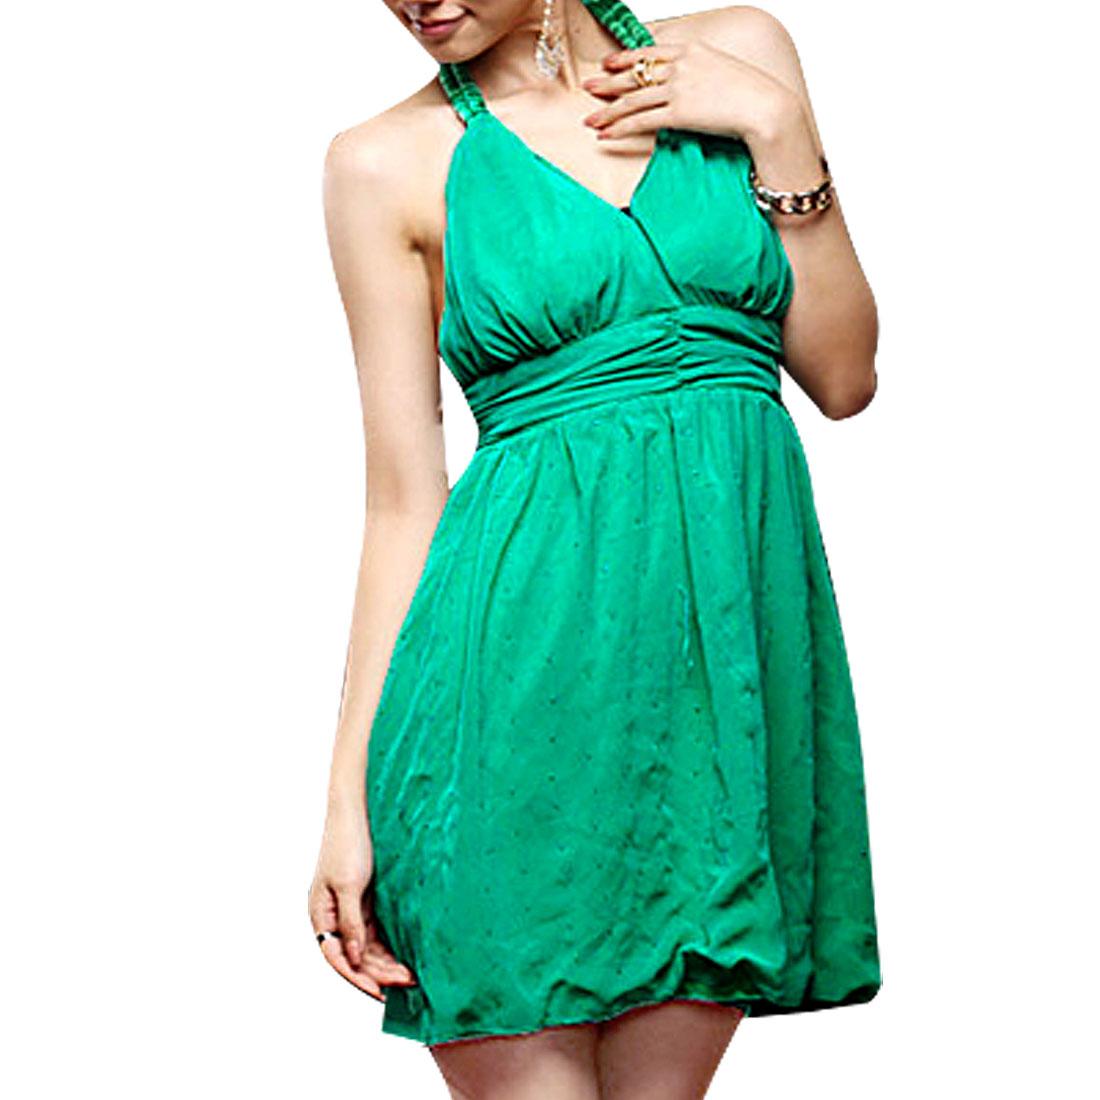 Ladies Green Empire Waist Foam Padded Bust Mini Chiffon Dress XS